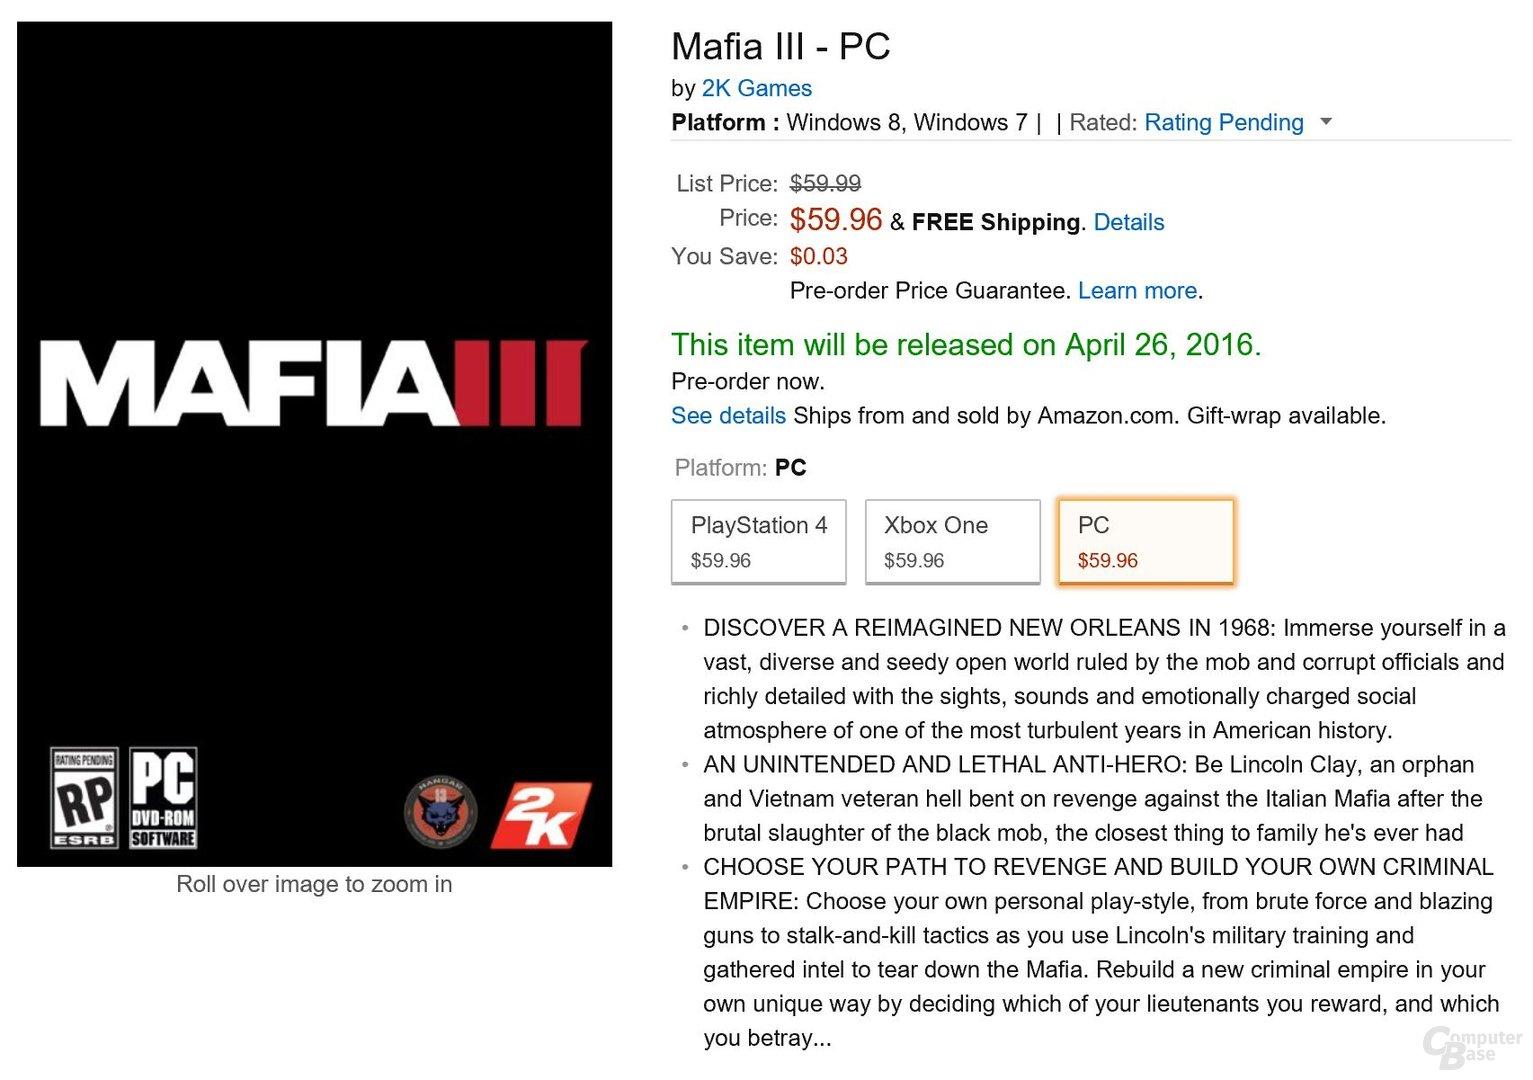 Mafia 3 soll am 26. April erscheinen